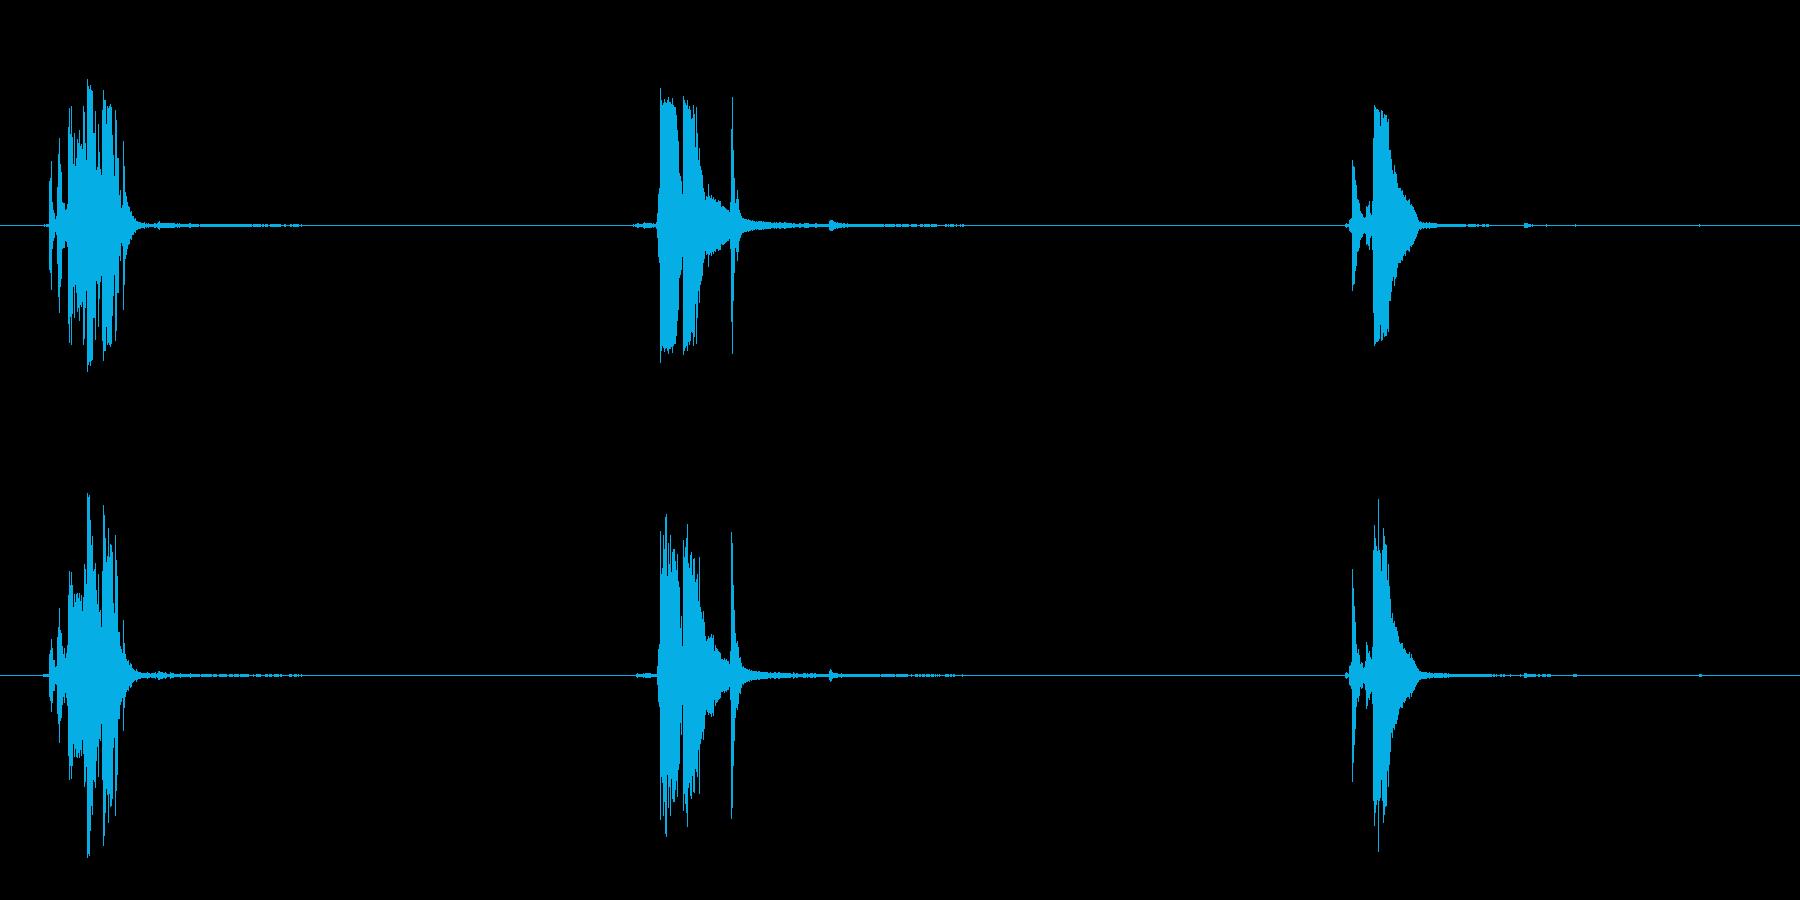 カプラー:ラウドメタルクランクの再生済みの波形